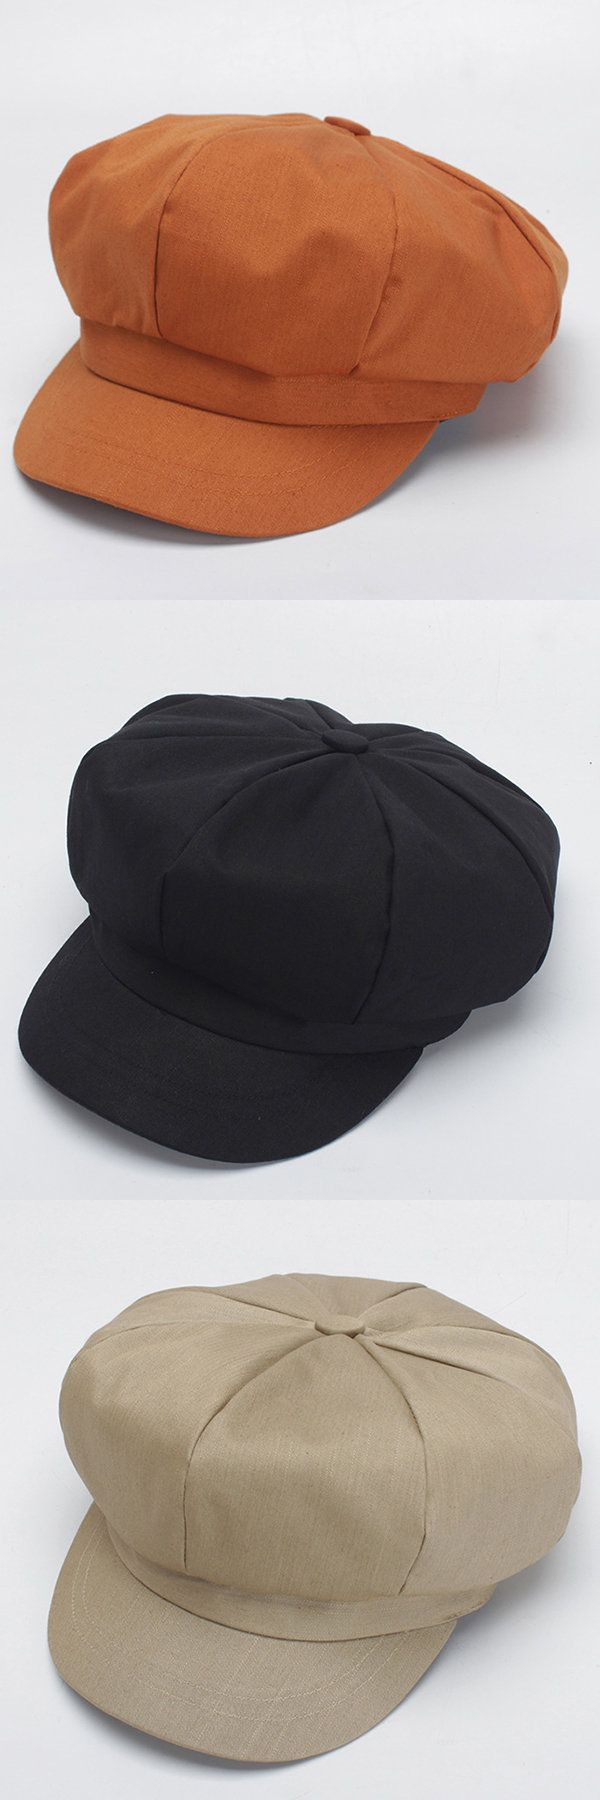 Women Solid Color Cotton Octagonal Cap Beret Cap Elegant Casual Fashion Hats Painter's Hat